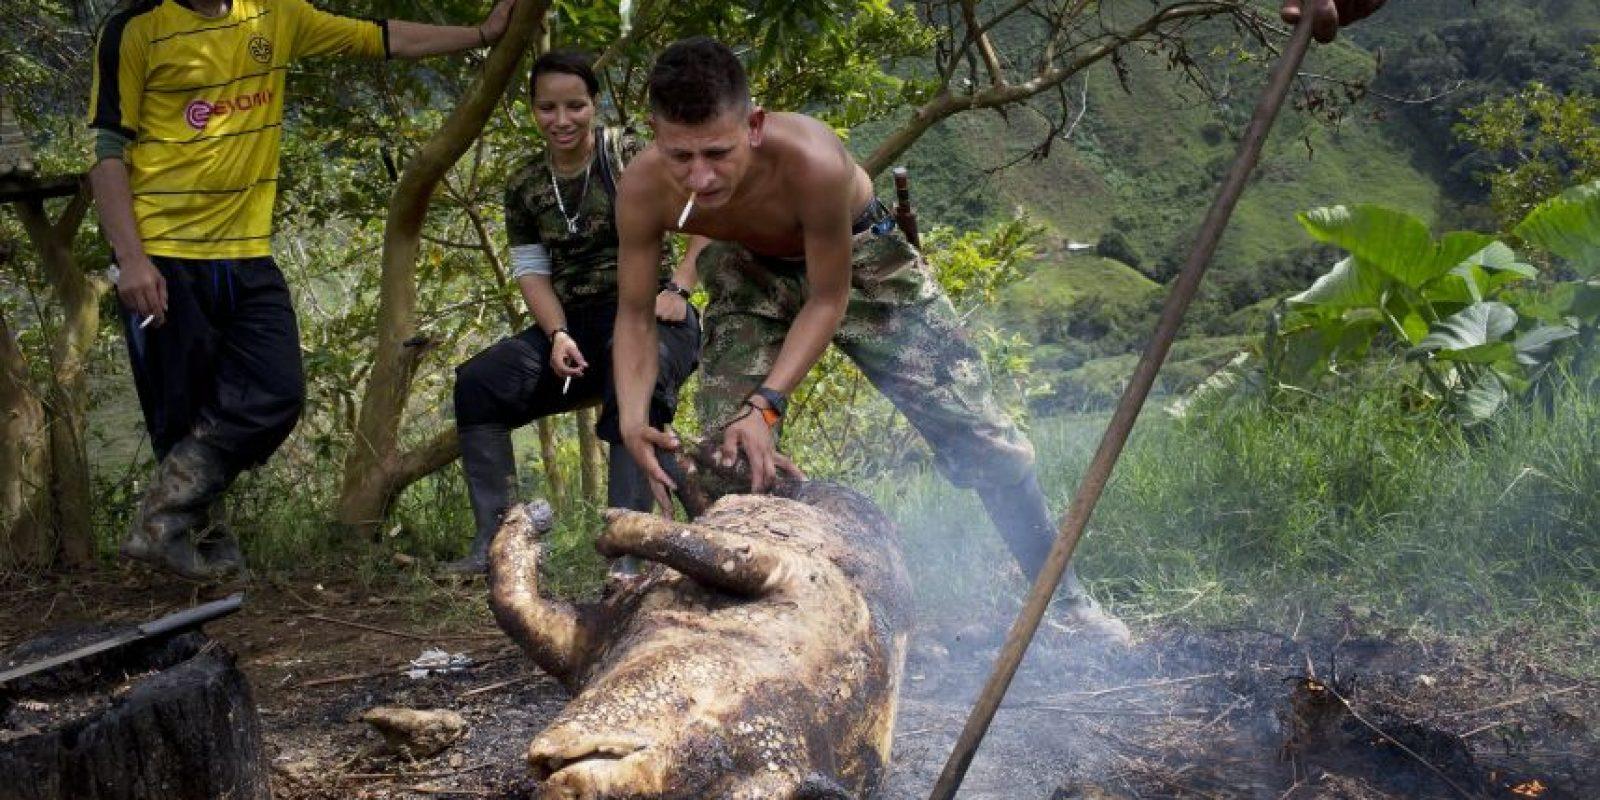 En esta imagen, tomada el 4 de enero de 2016, Harrison, un combatiente rebelde del frente 36 de las Fuerzas Armadas Revolucionarias de Colombia, o FARC, arrastra el cuerpo de un cerdo hasta una hoguera, para quemarle la piel y retirarle el pelo, en su campamento clandestino en el estado de Antioquia, en los Alpes colombianos. El animal bastará para alimentar a los 26 miembros del grupo durante varios días. Foto:AP/ Rodrigo Abd